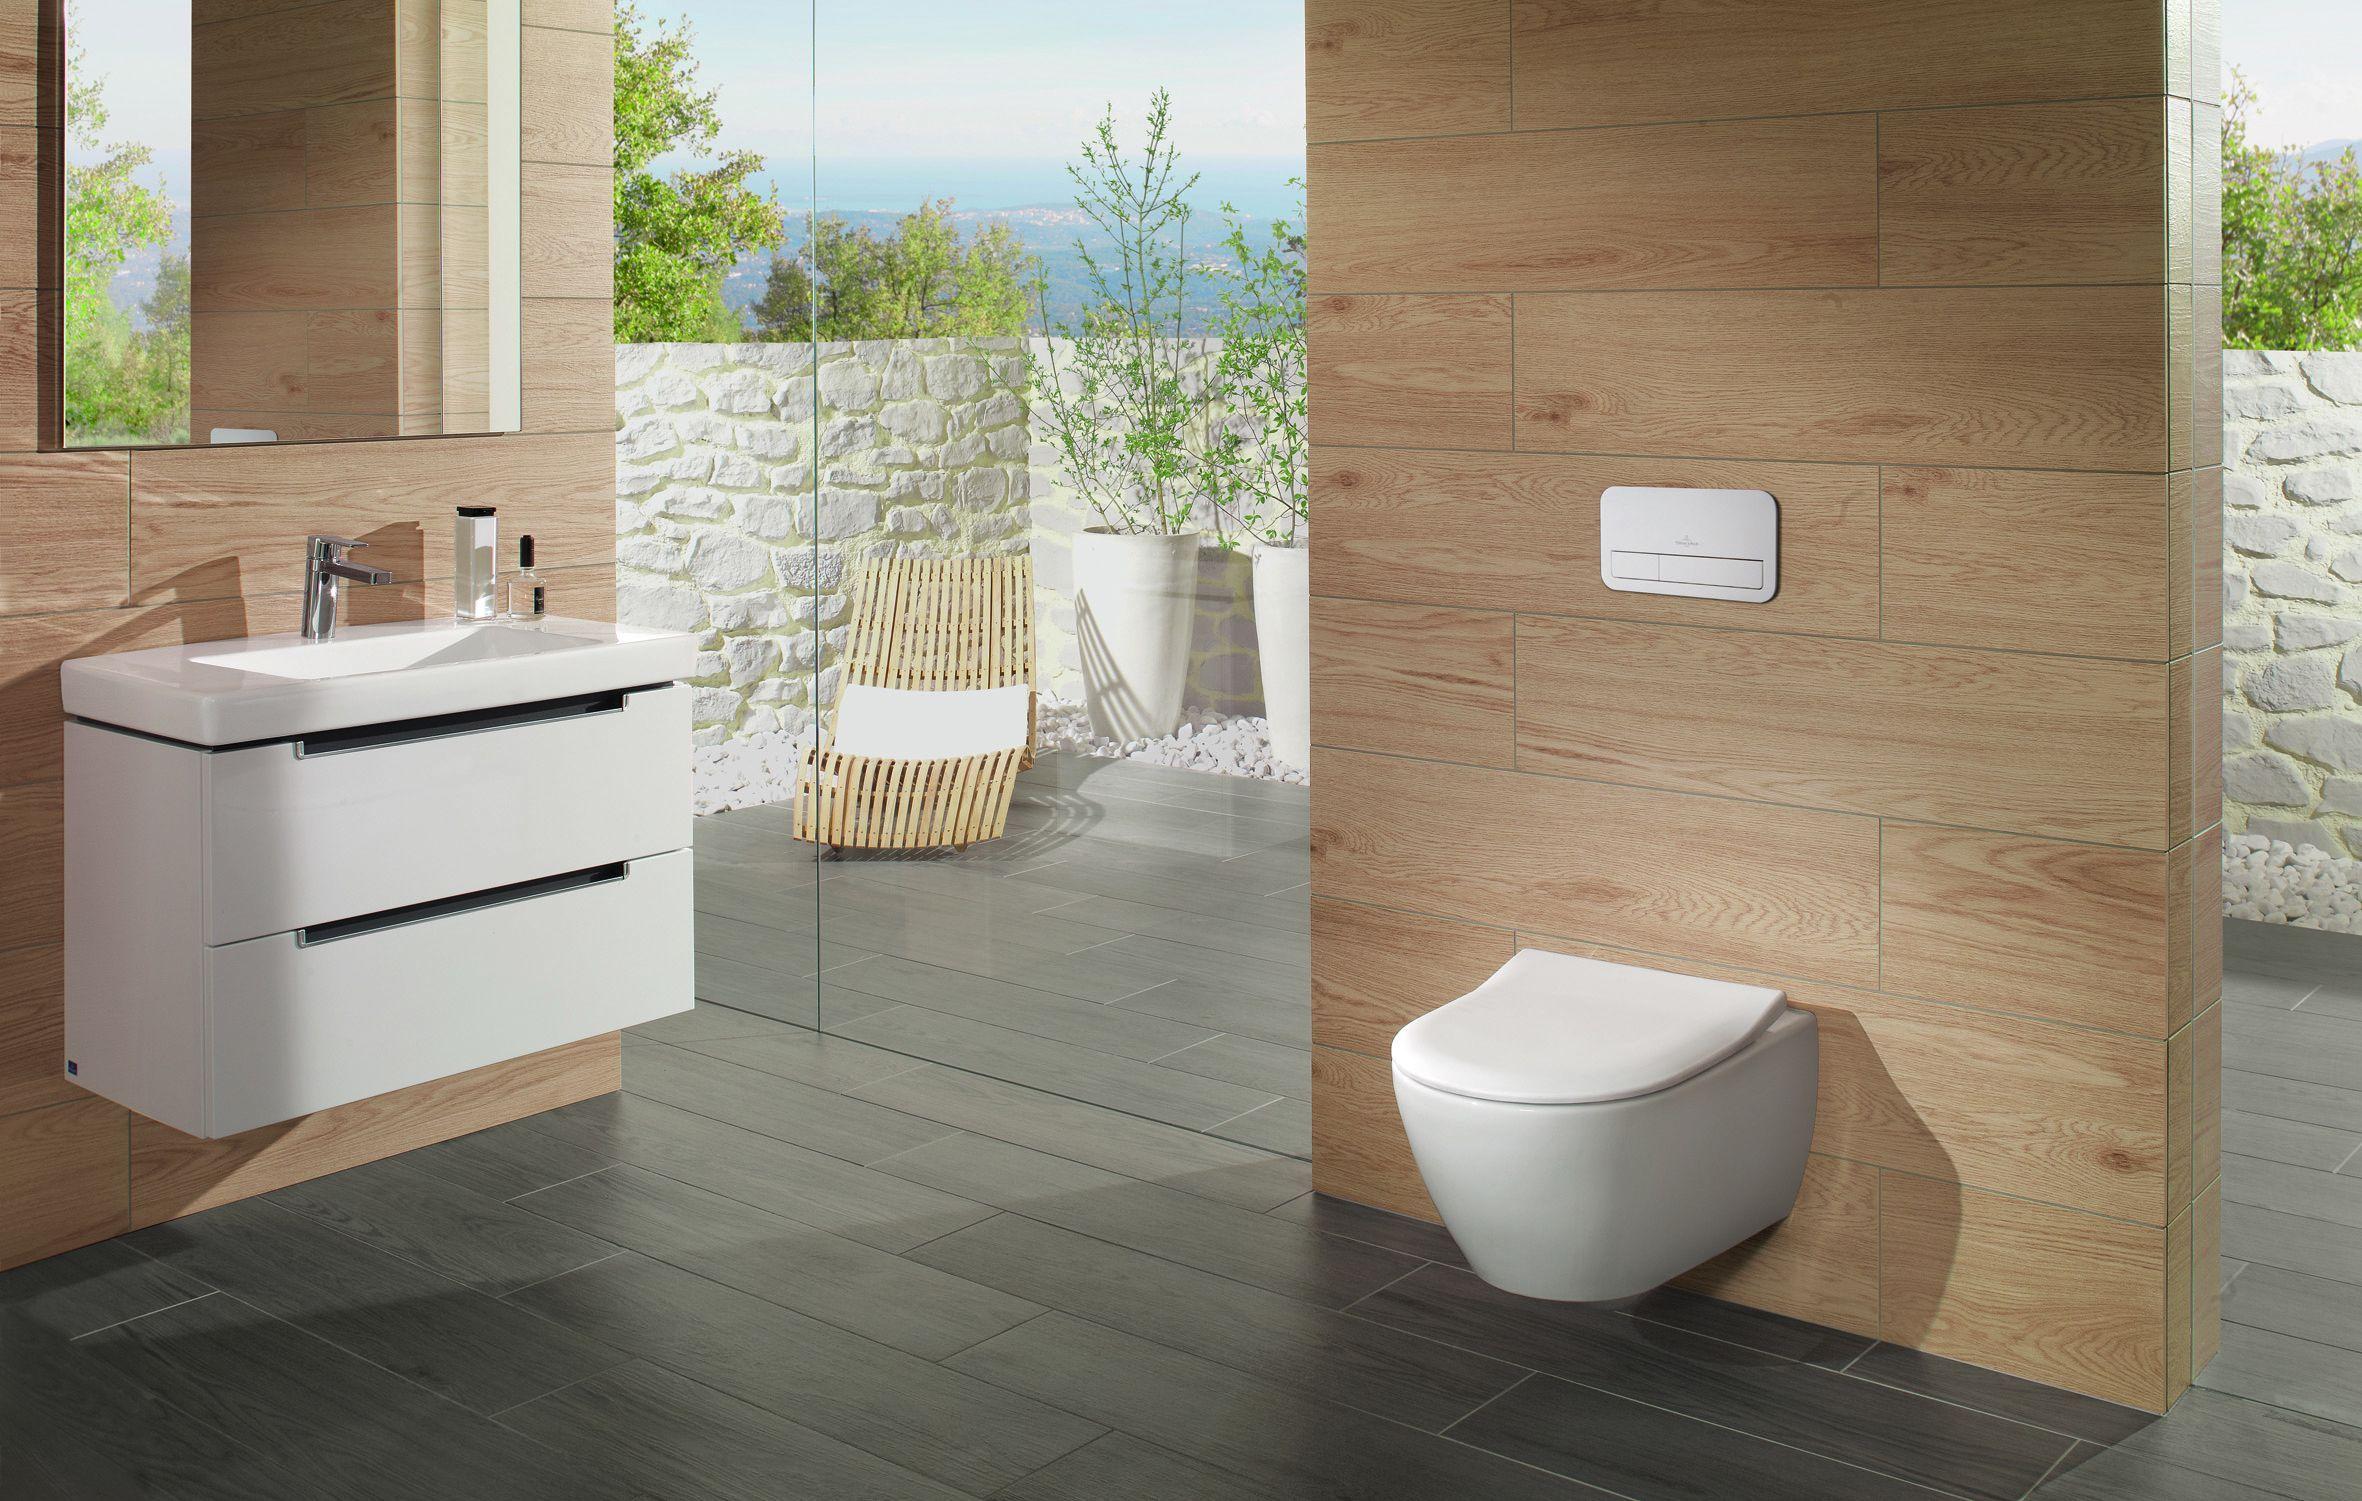 badezimmer villeroy boch. Black Bedroom Furniture Sets. Home Design Ideas